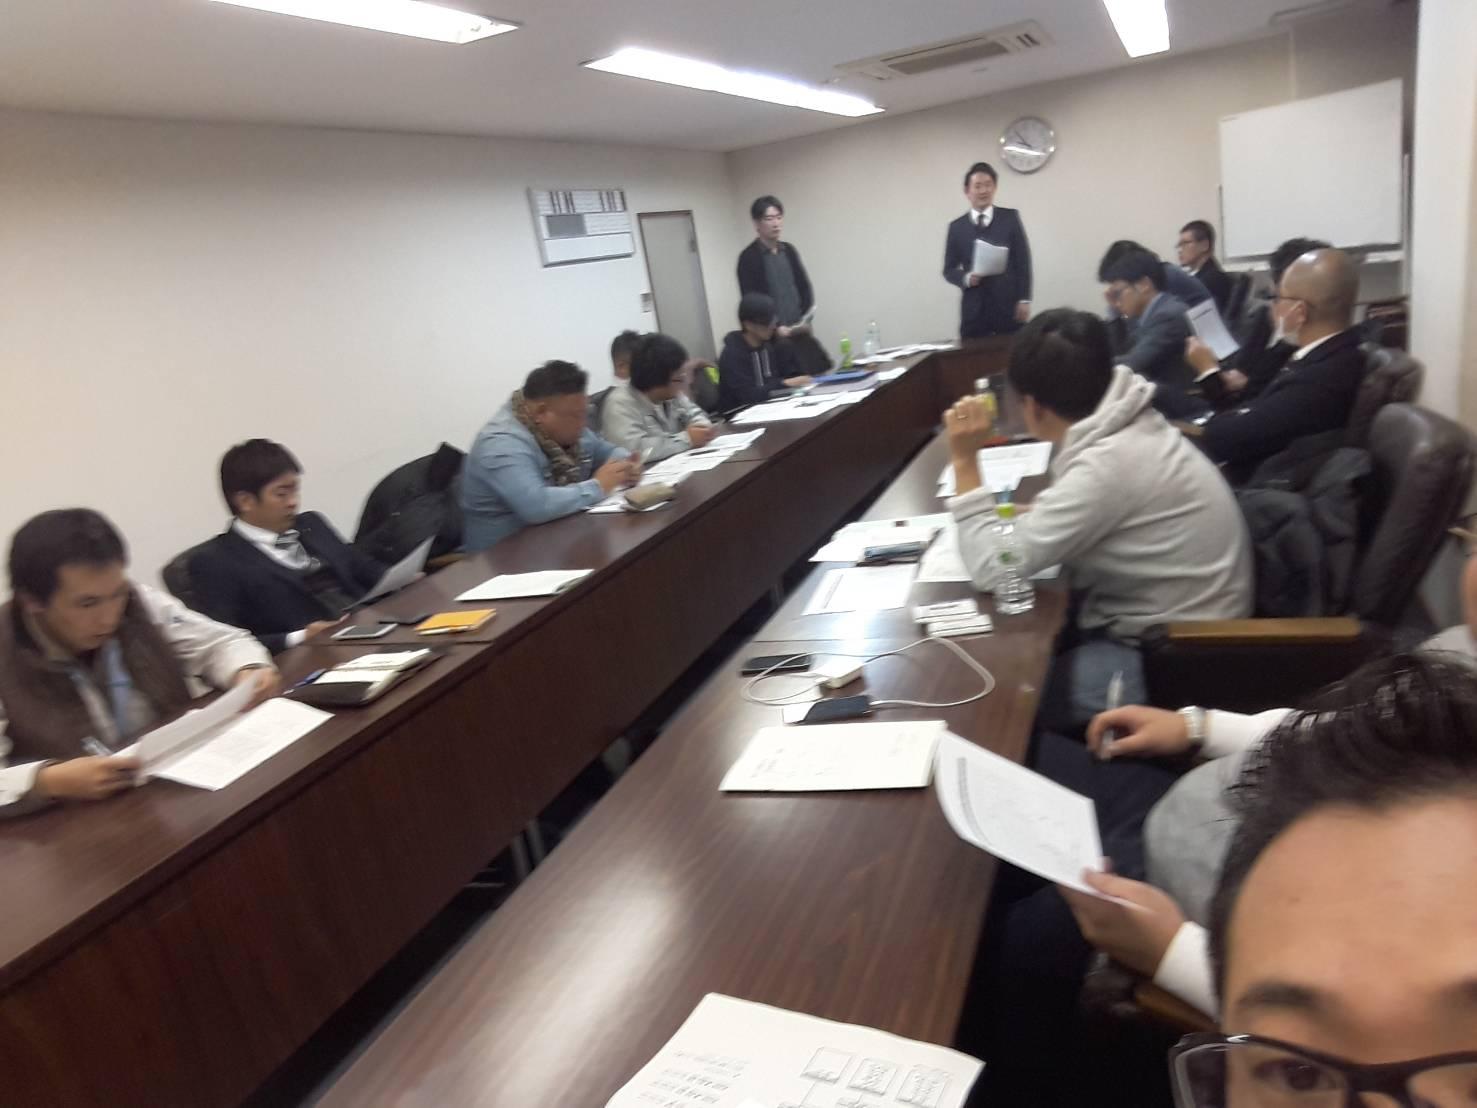 葛城青年会議所・臨時全体委員会-経済記者クラブ室